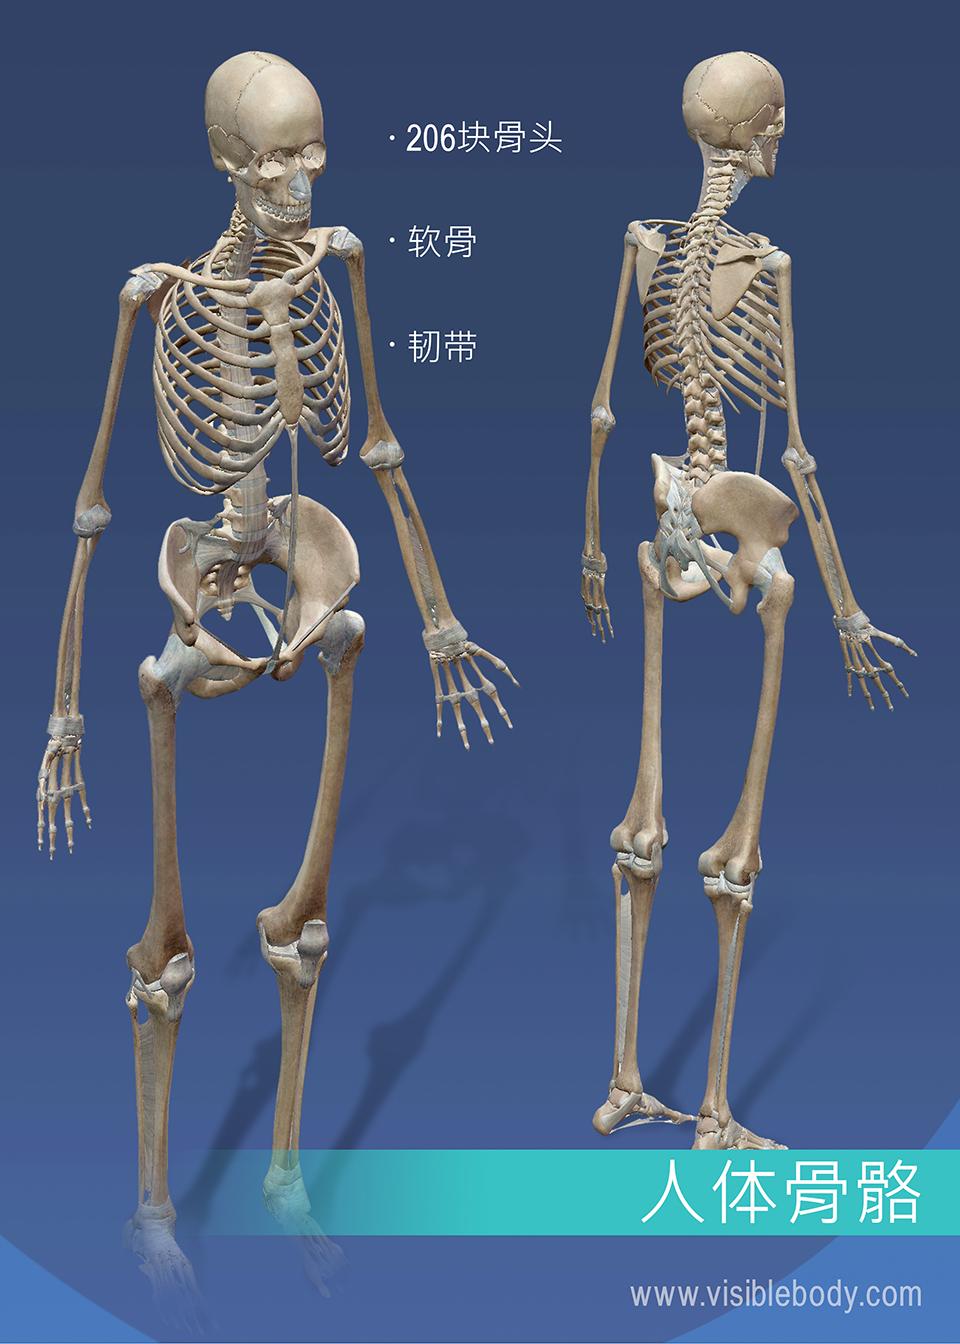 骨骼系统由206块骨骼、软骨和韧带组成